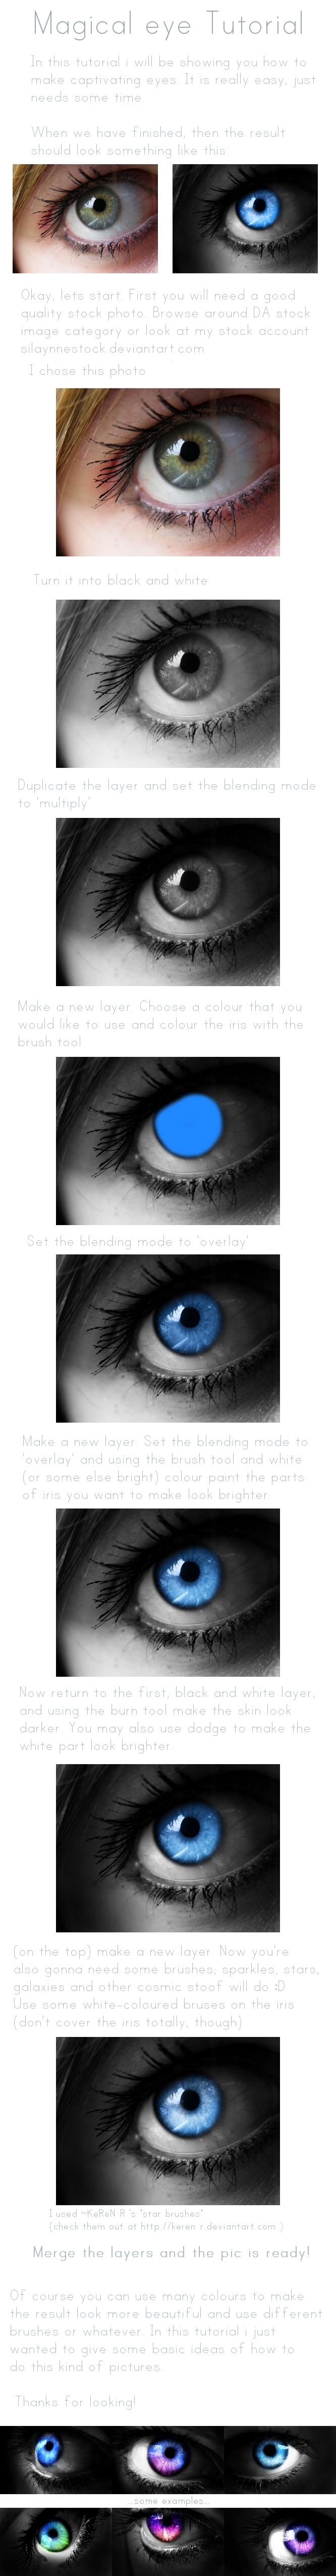 Magical eye: Tutorial by SilaynneStock